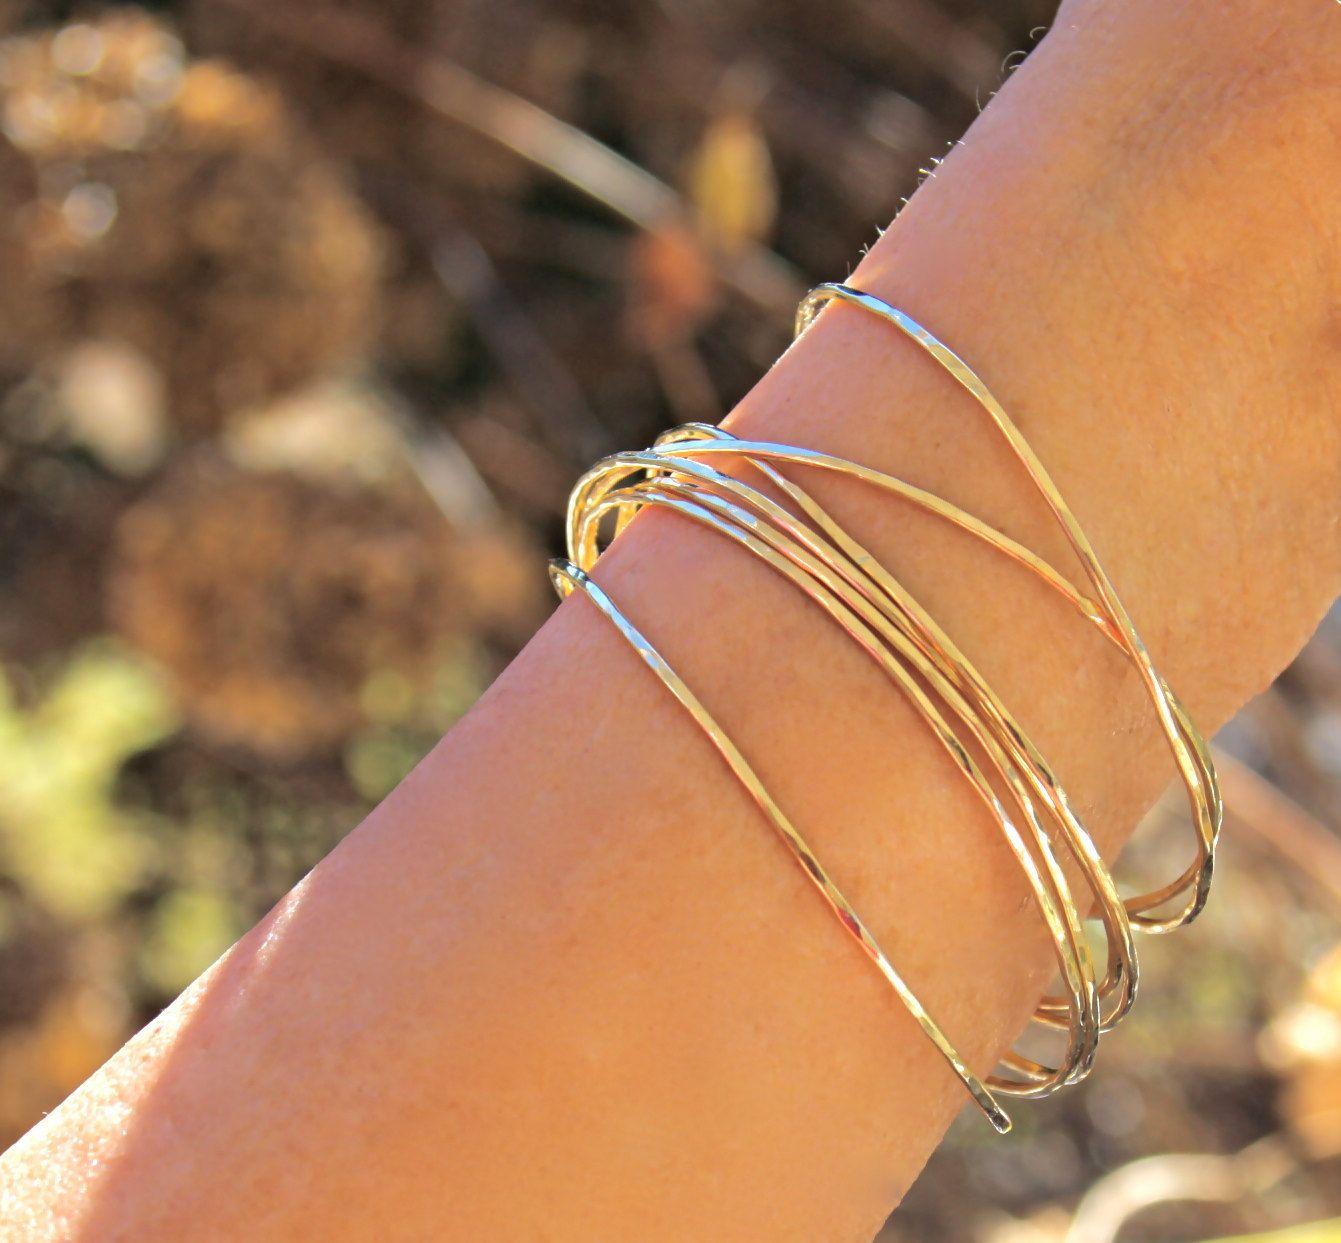 Bangle Solid 14k Gold Handmade Gold Bangle Bracelet Hammered